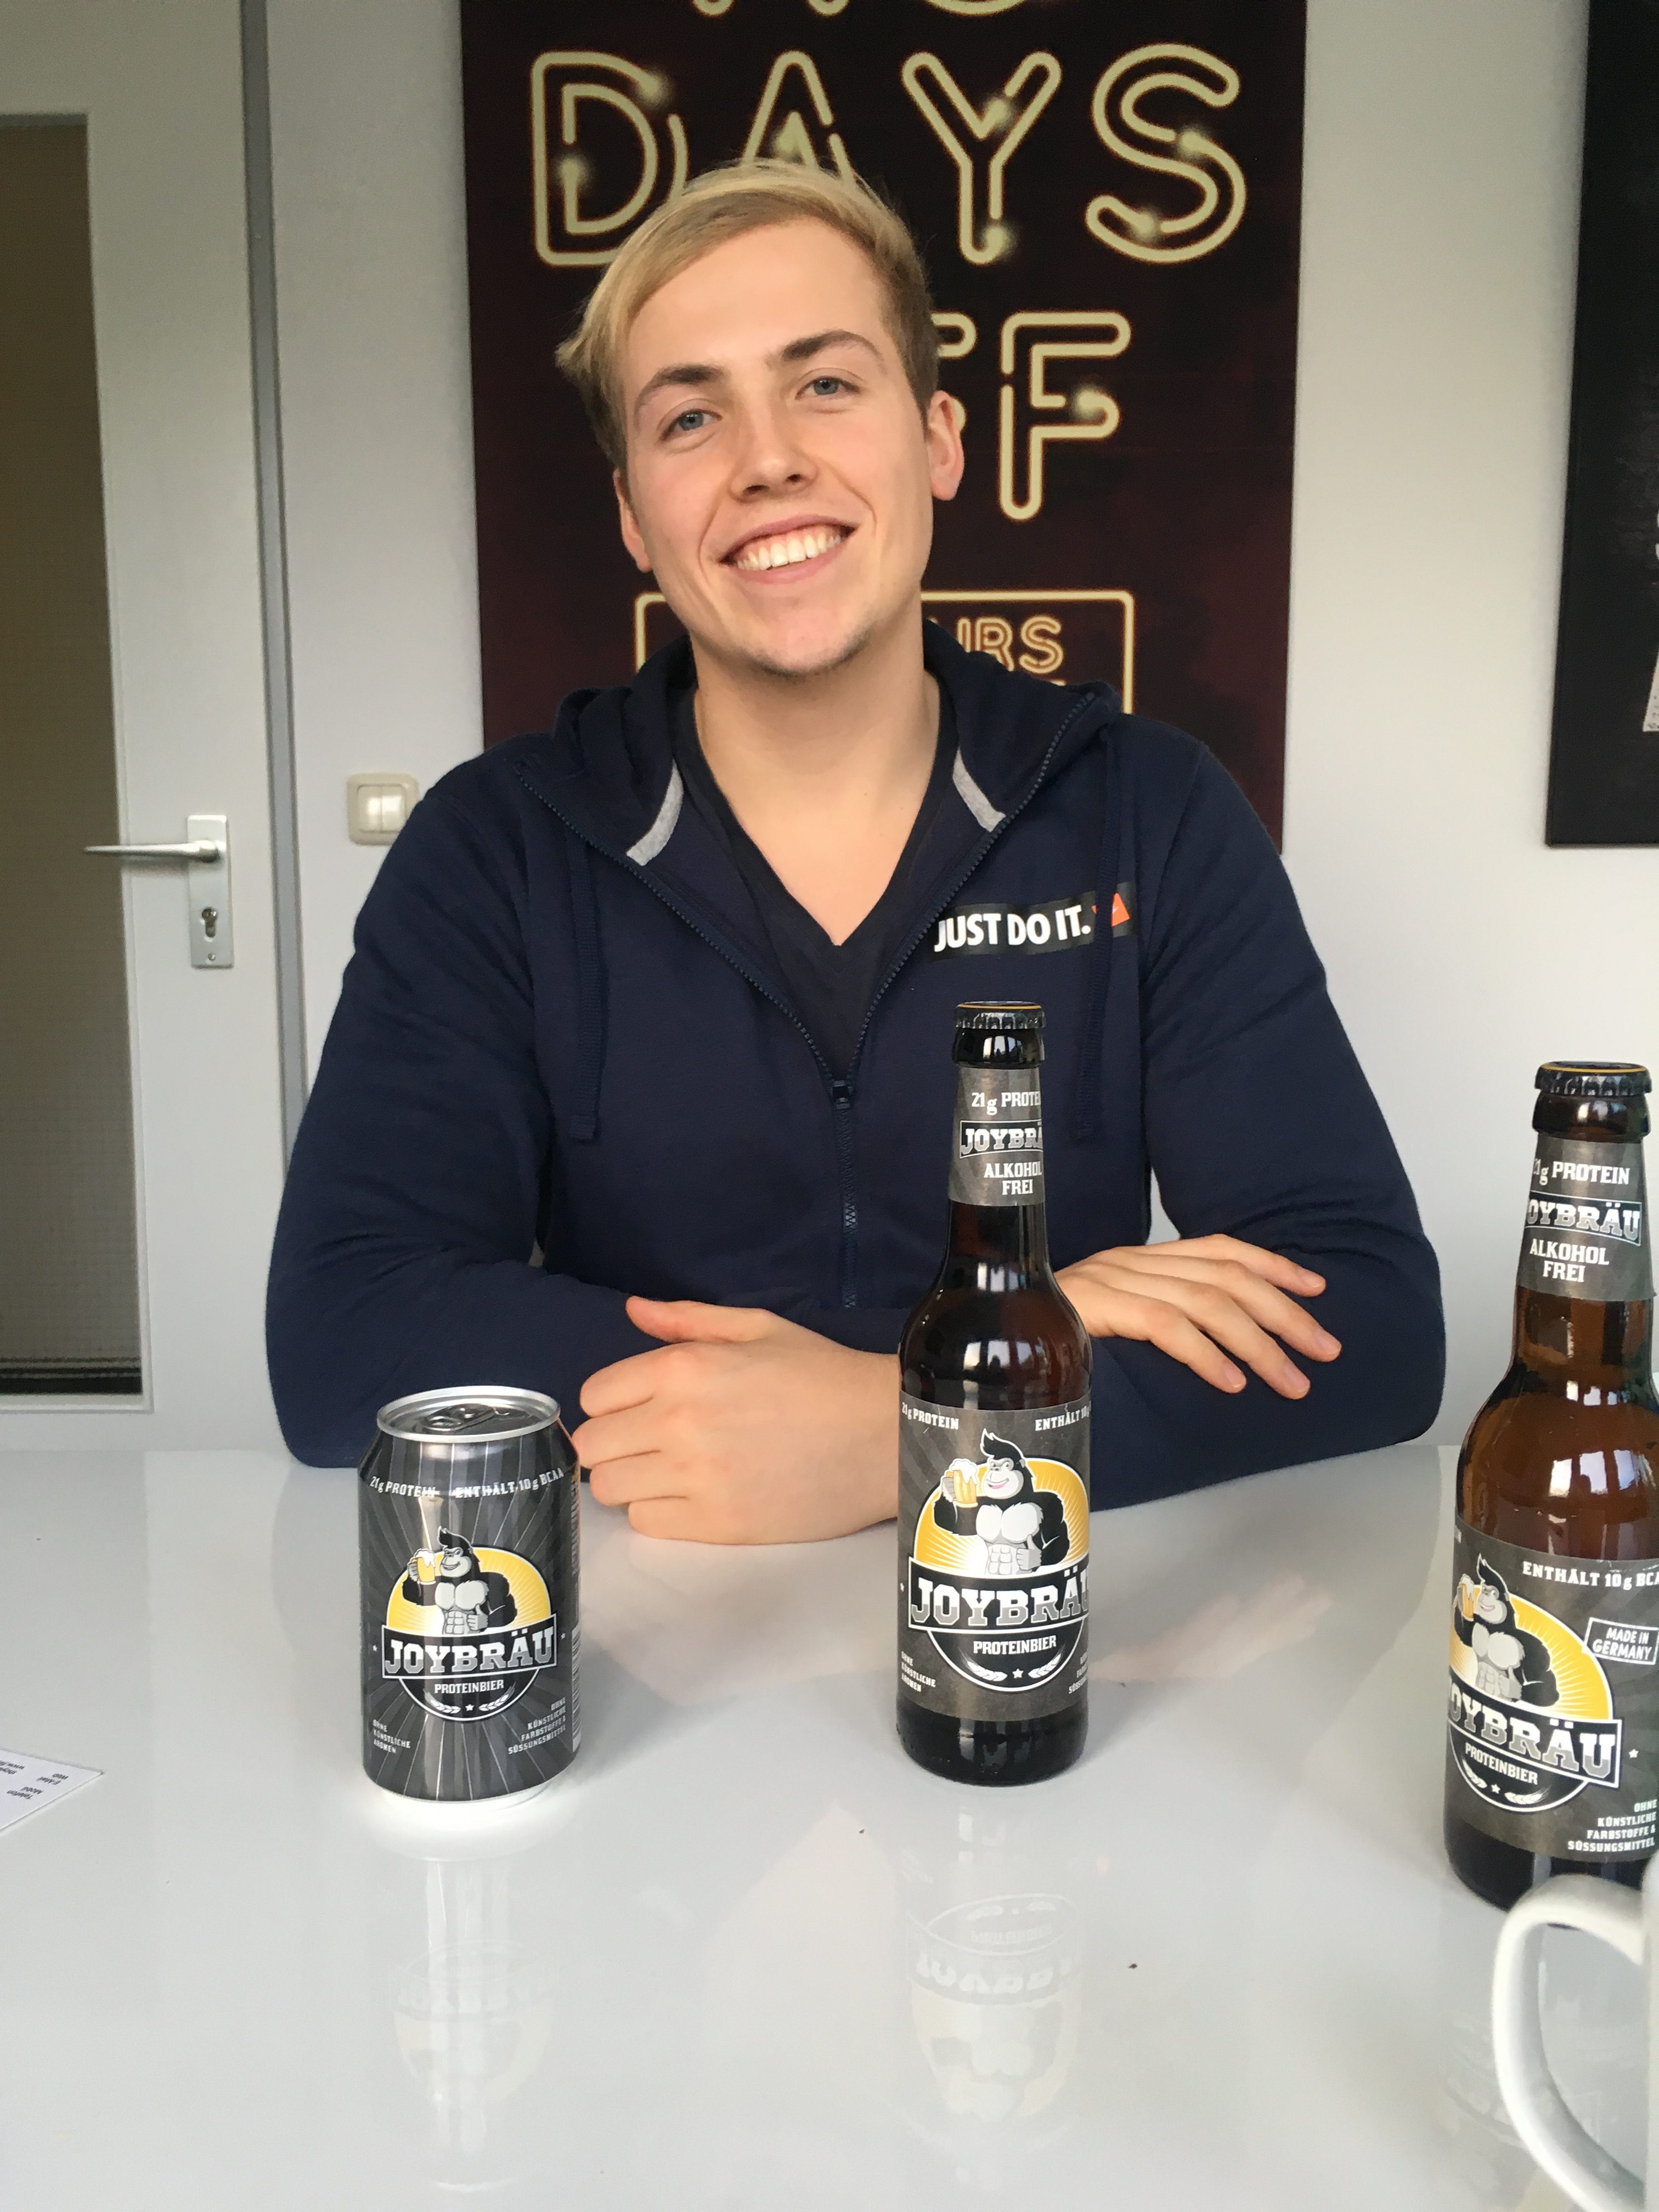 Tristan Brümmer stellt sein Proteinbier JoyBräu vor. Zu kaufen gibt es das Sportlerbier in der Dose und in der Flasche. Foto: Thoya Urbach